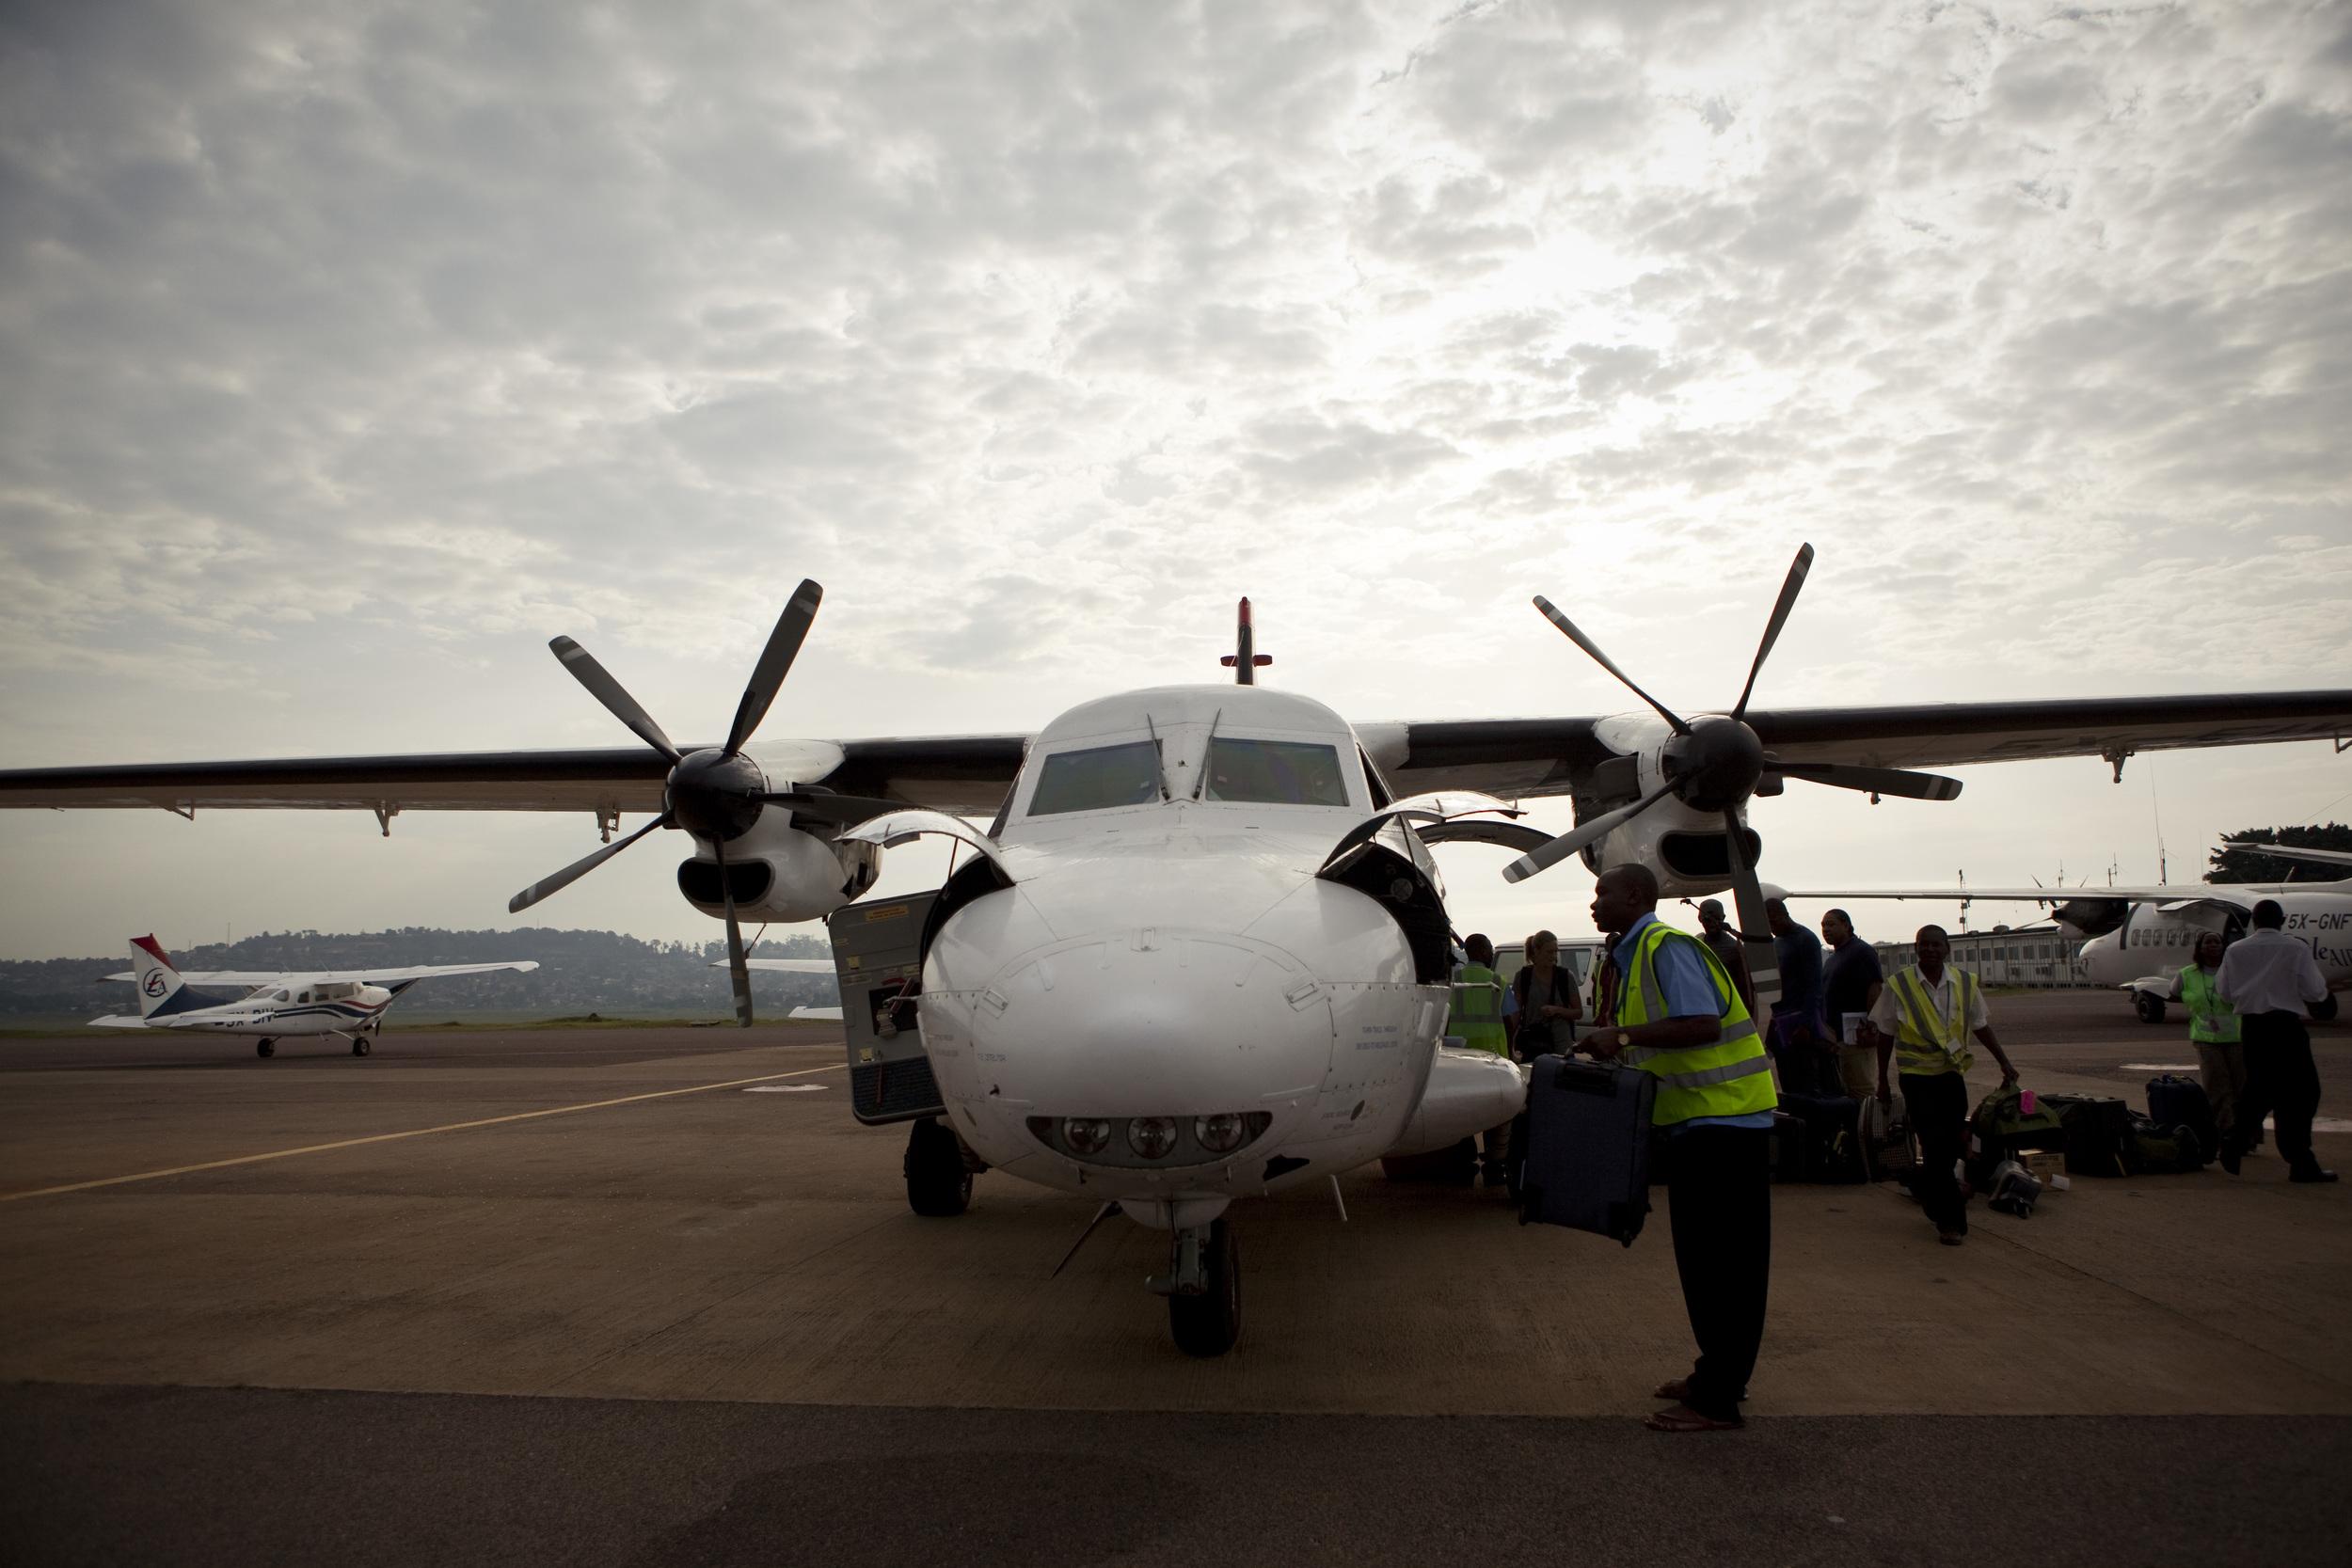 Leaving for Sudan